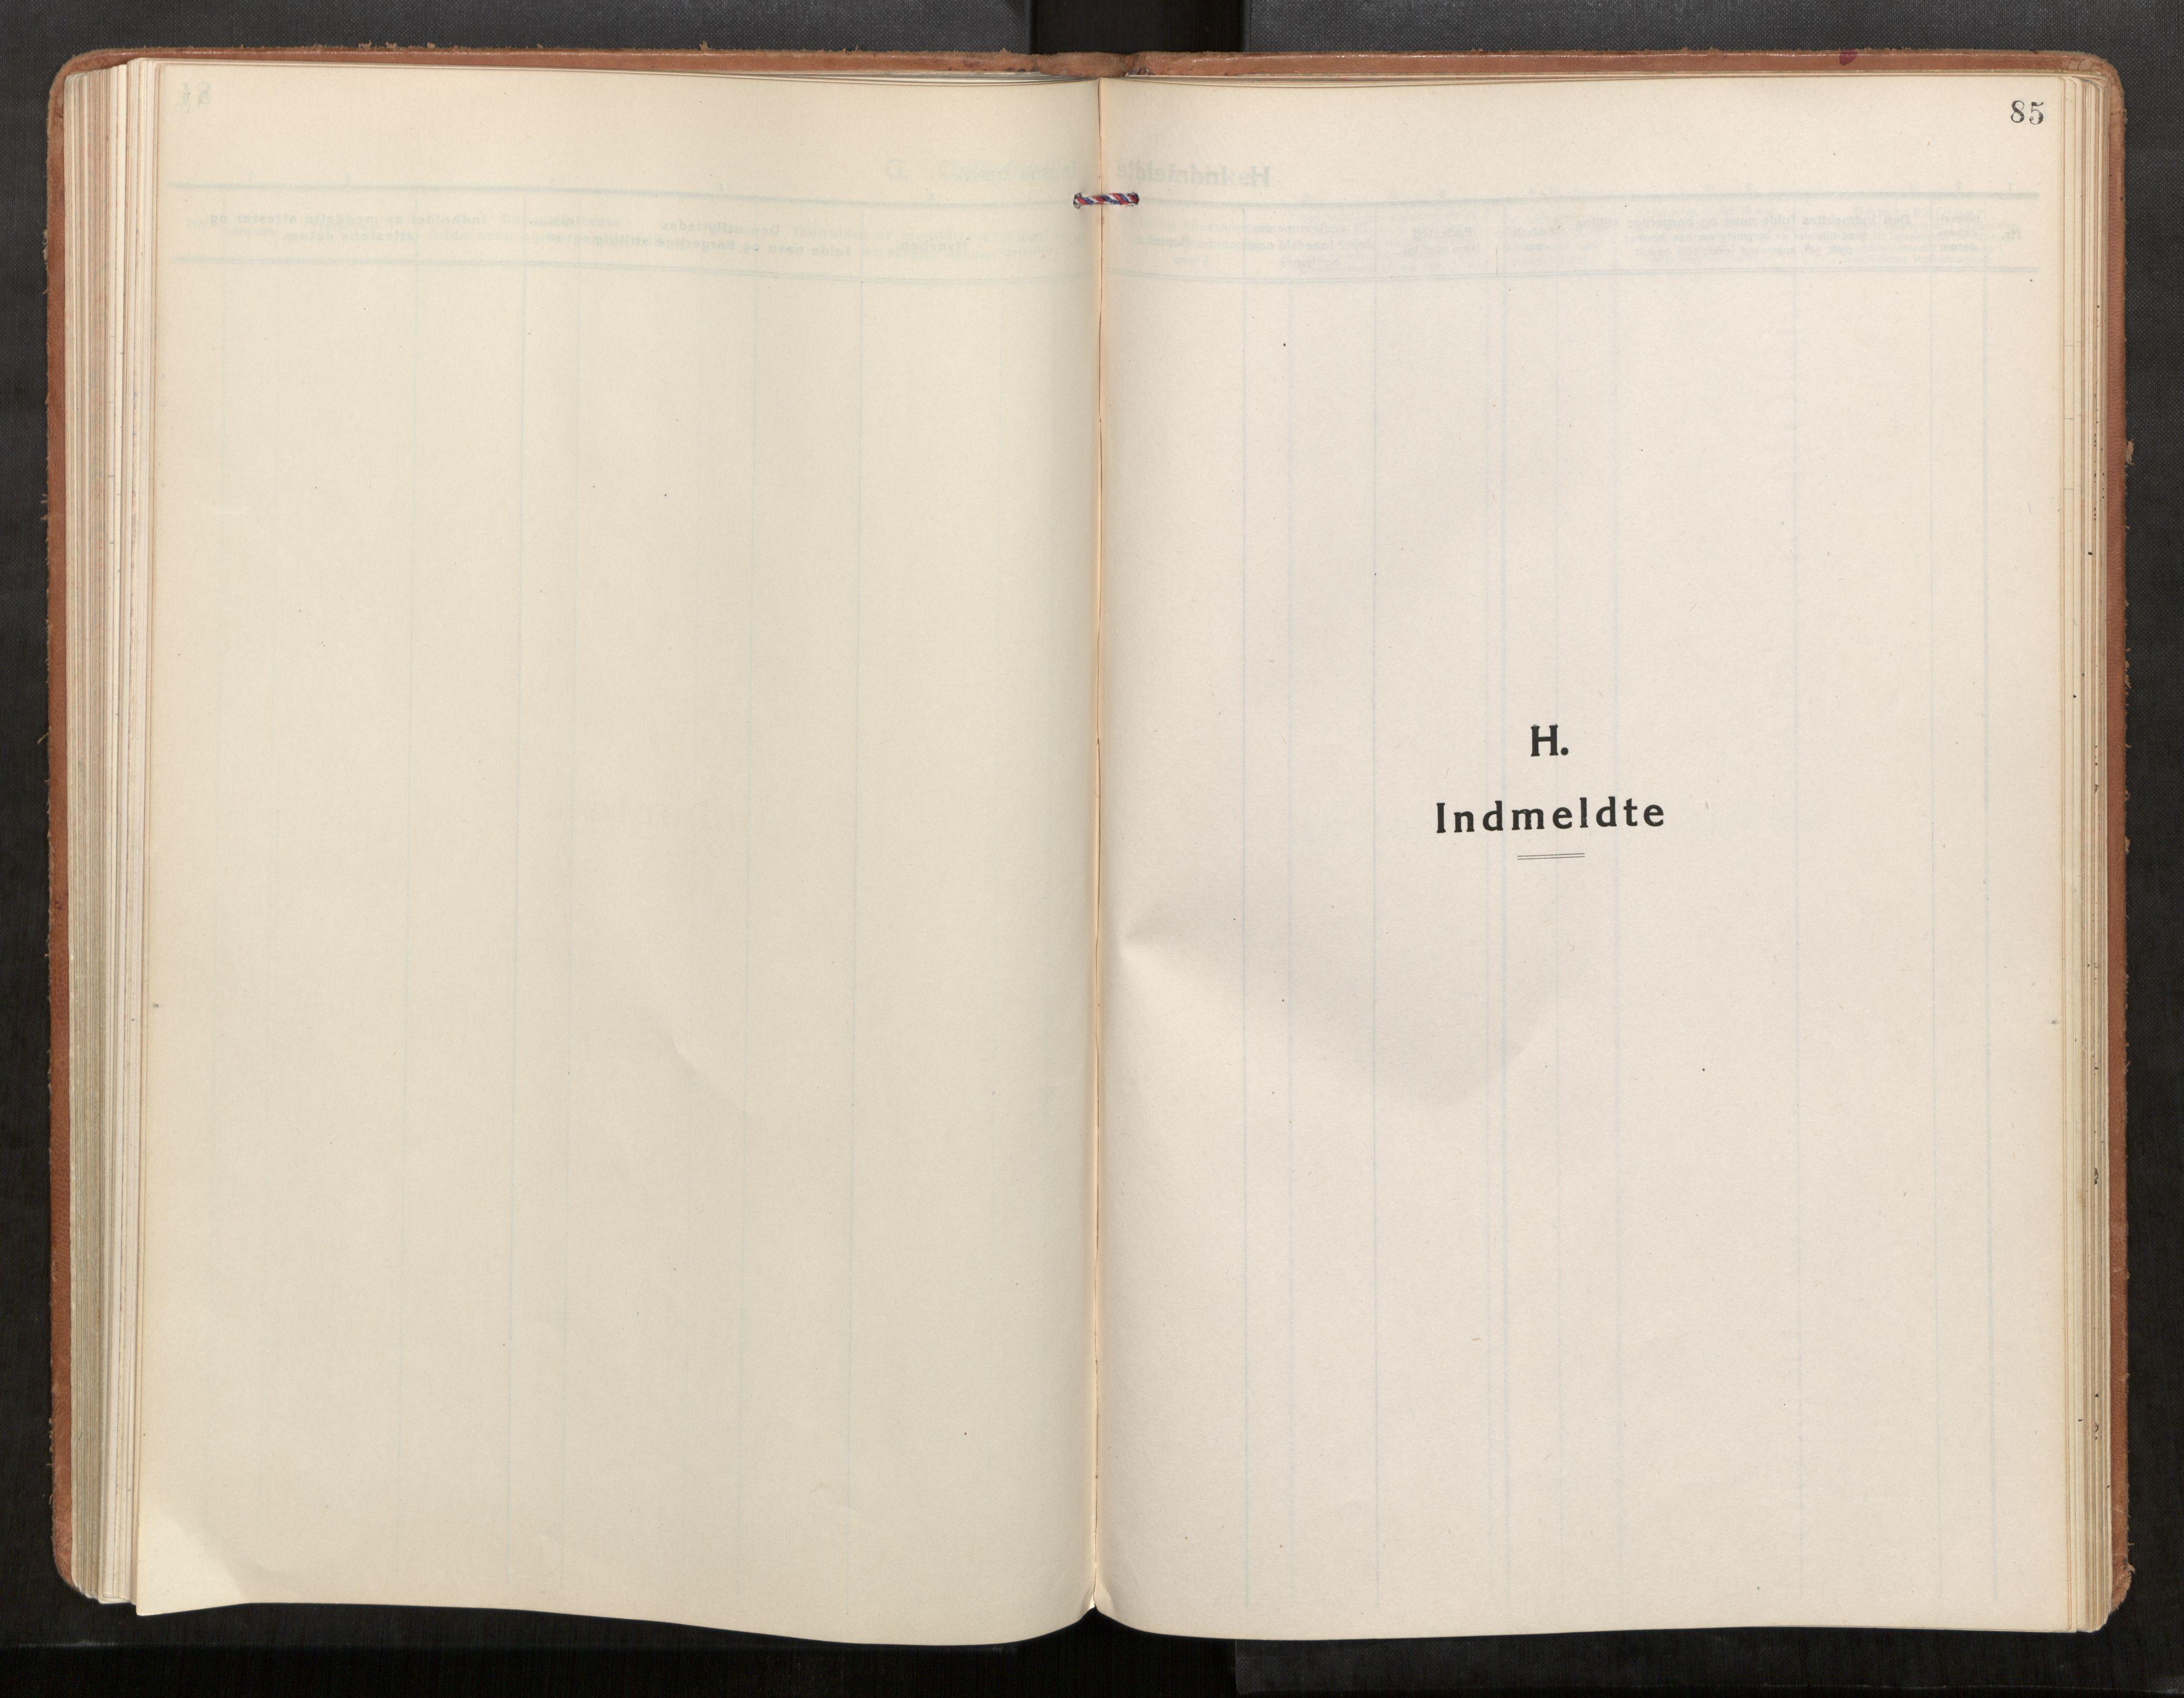 SAT, Stod sokneprestkontor, I/I1/I1a/L0005: Parish register (official) no. 5, 1923-1932, p. 85